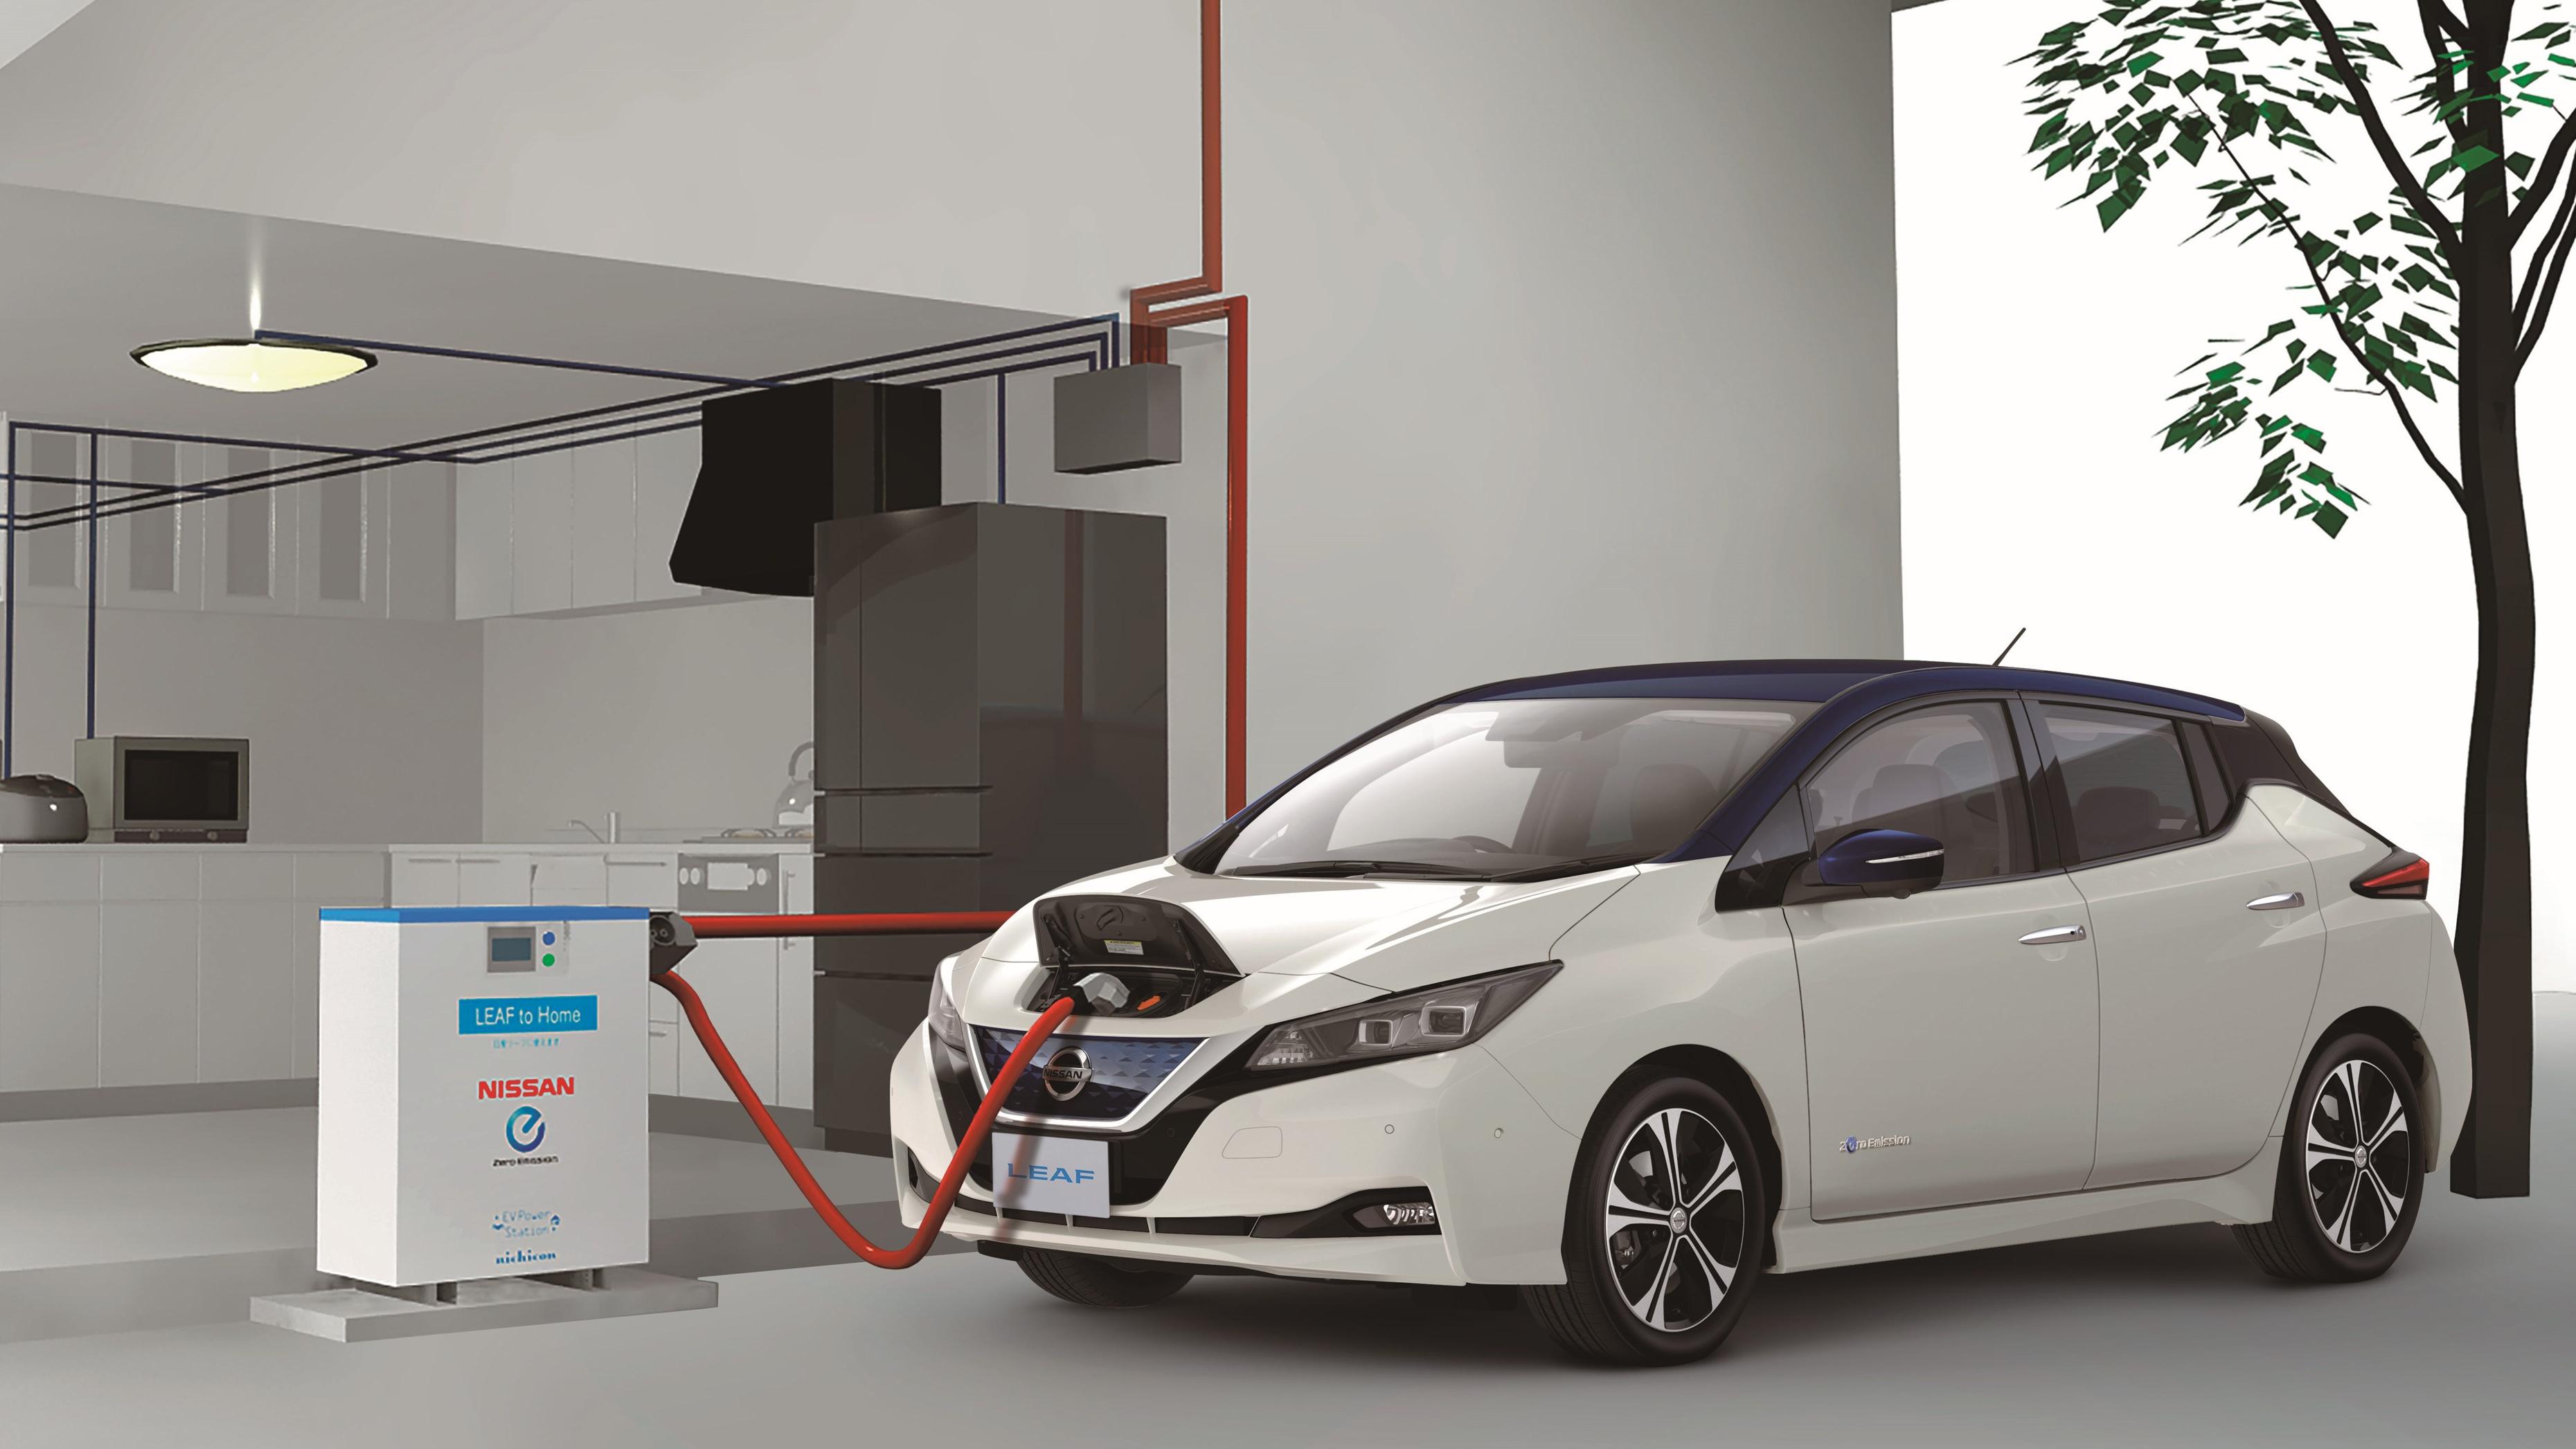 Nissan xStorage und V2G: Wie das Elektroauto das Netz stützt und der Fahrer davon profitiert